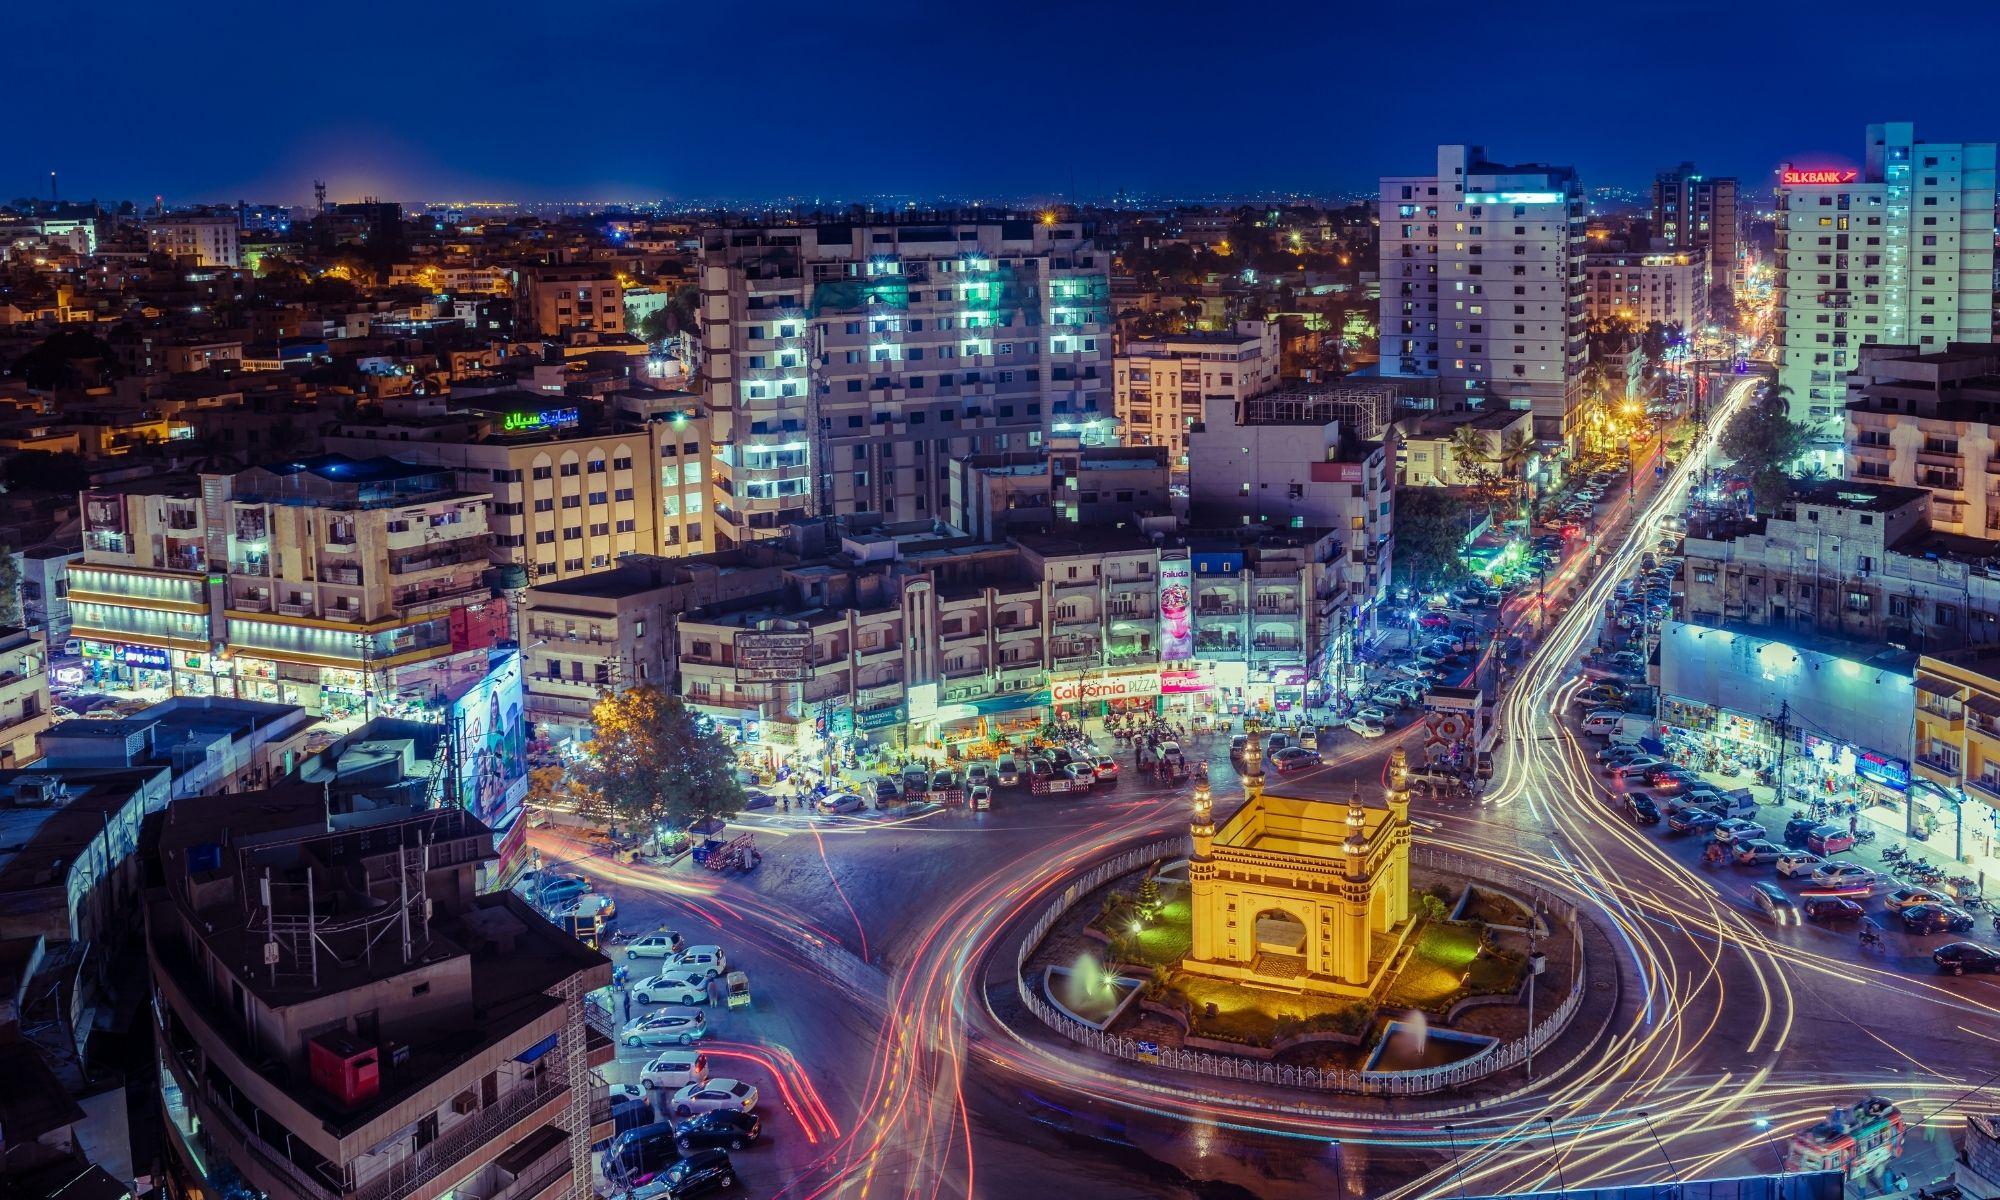 Les expatriés français au Pakistan et la menace islamiste